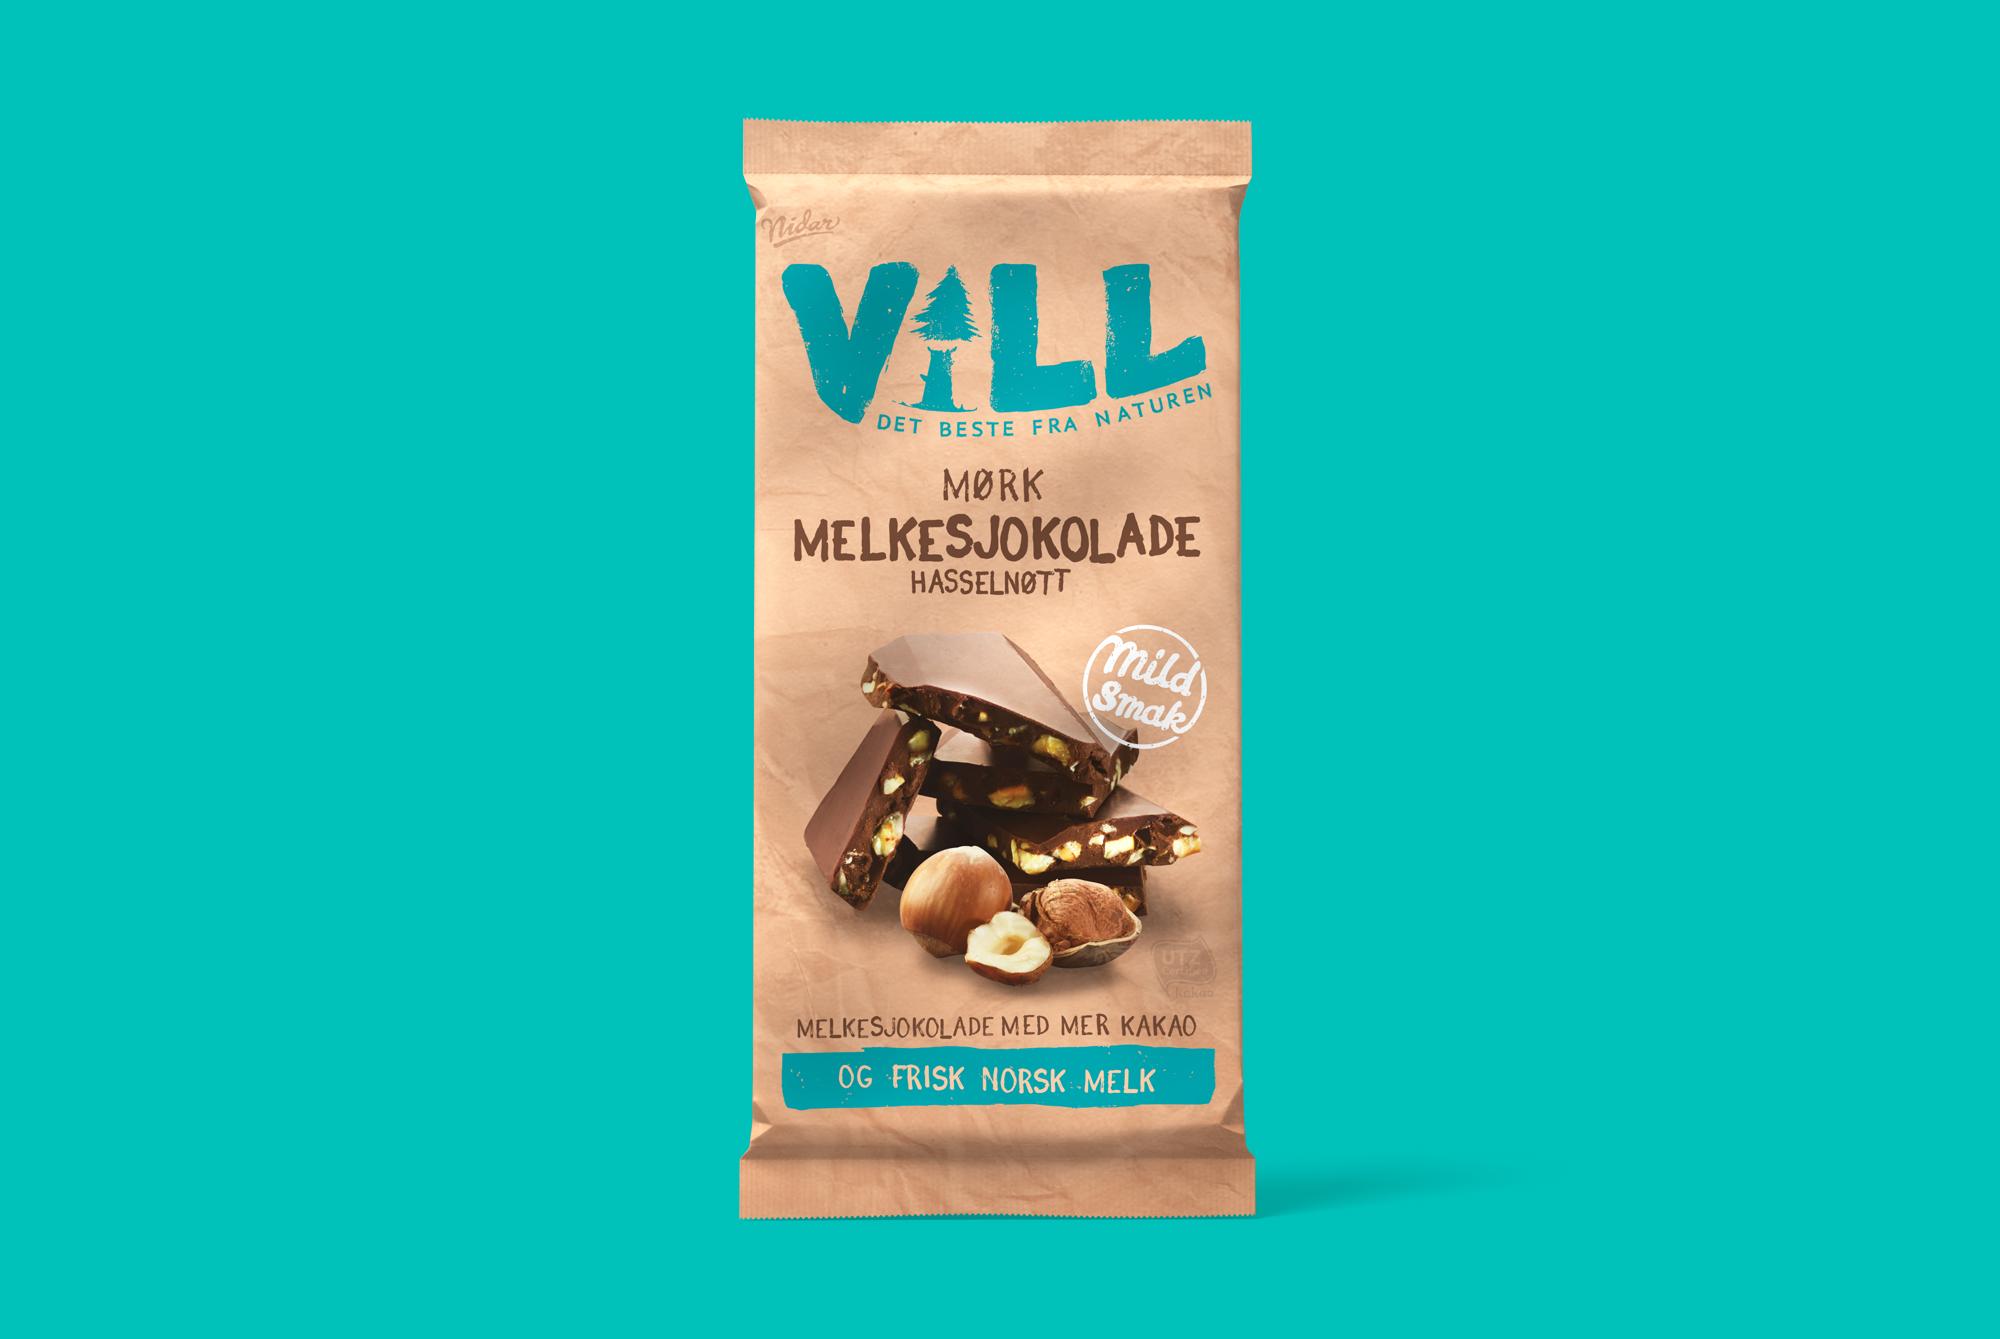 Vill - Mørk Melkesjokolade-Hasselnøtt